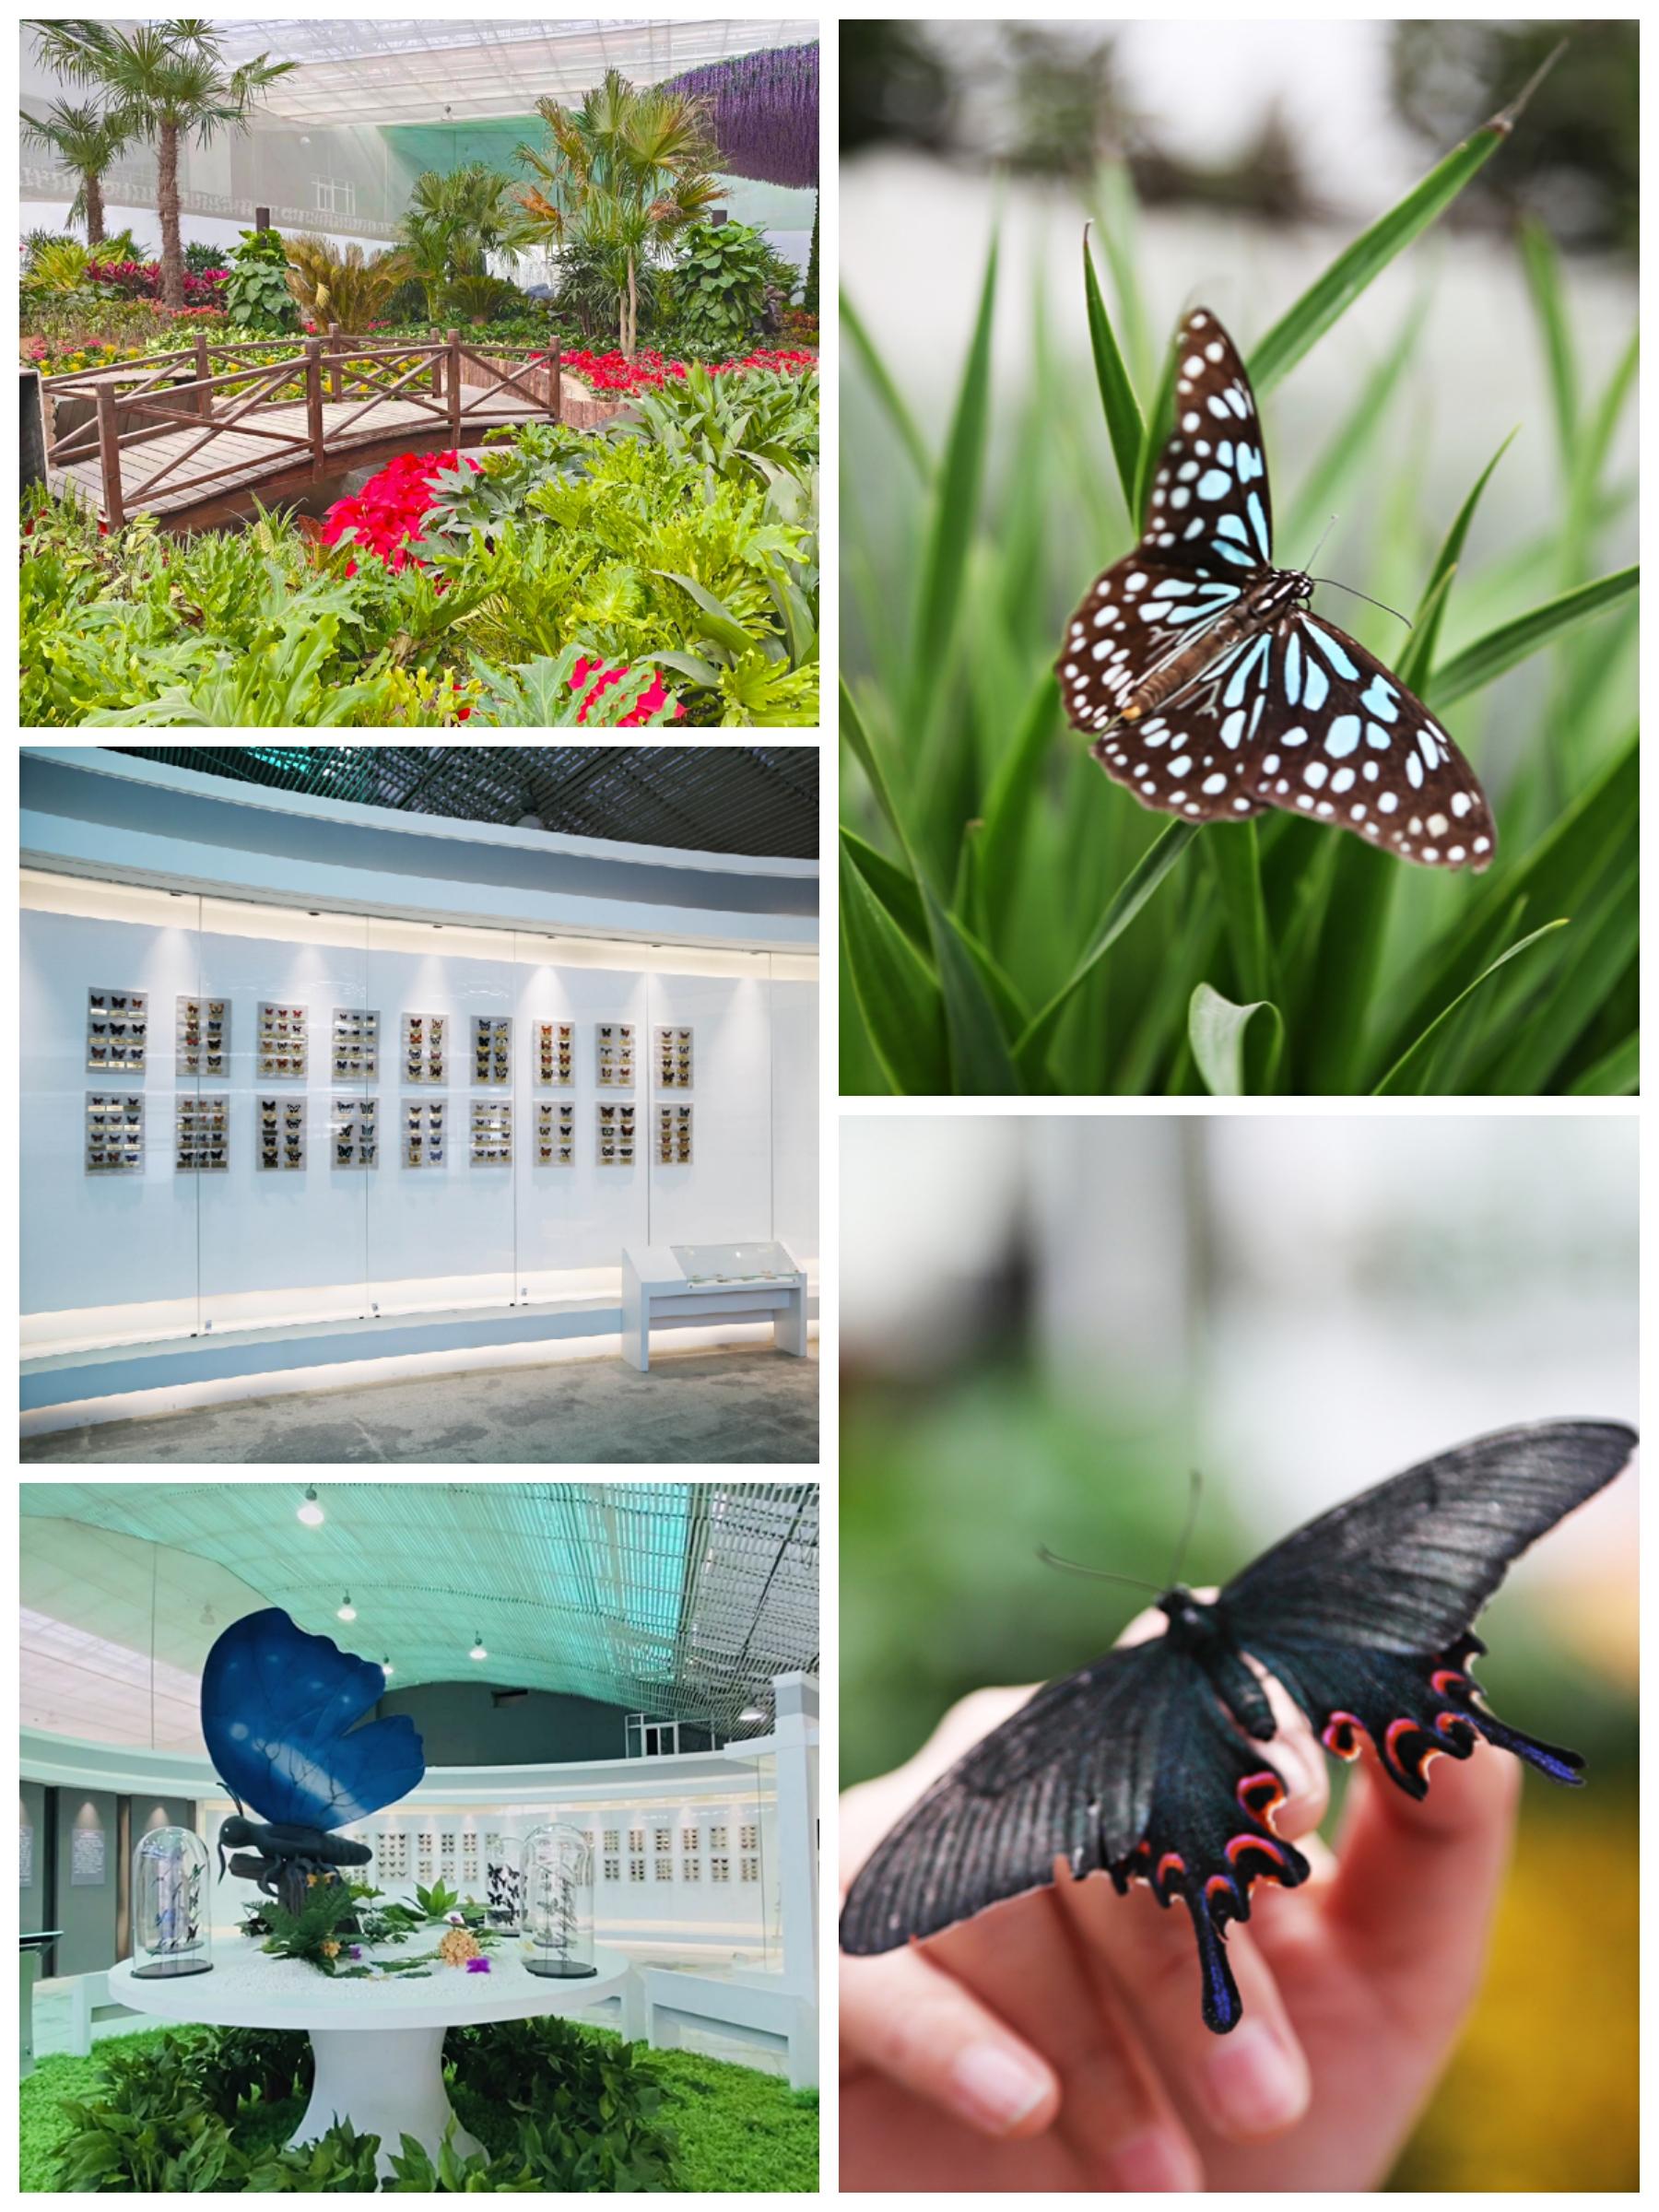 菊满蝶舞·星宿花间 第十二届北京菊花文化节华丽开幕